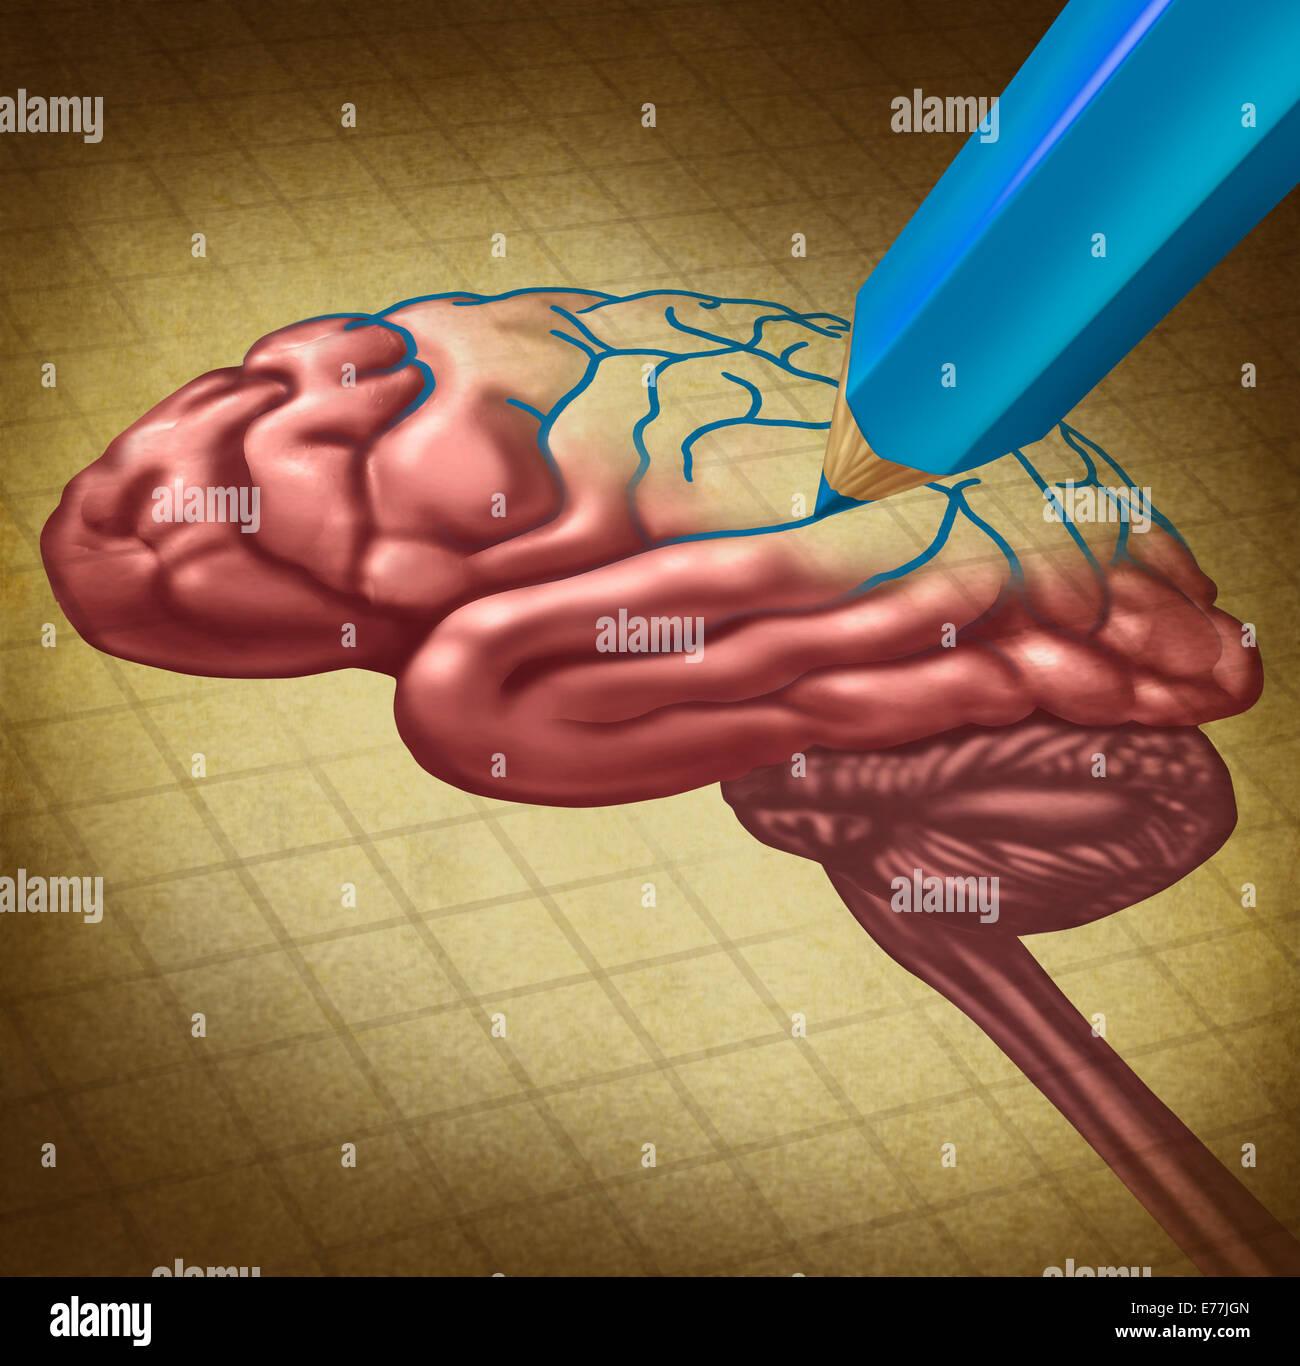 La réparation du cerveau et la restauration de la mémoire perdue concept médical comme un organe de la pensée humaine Banque D'Images